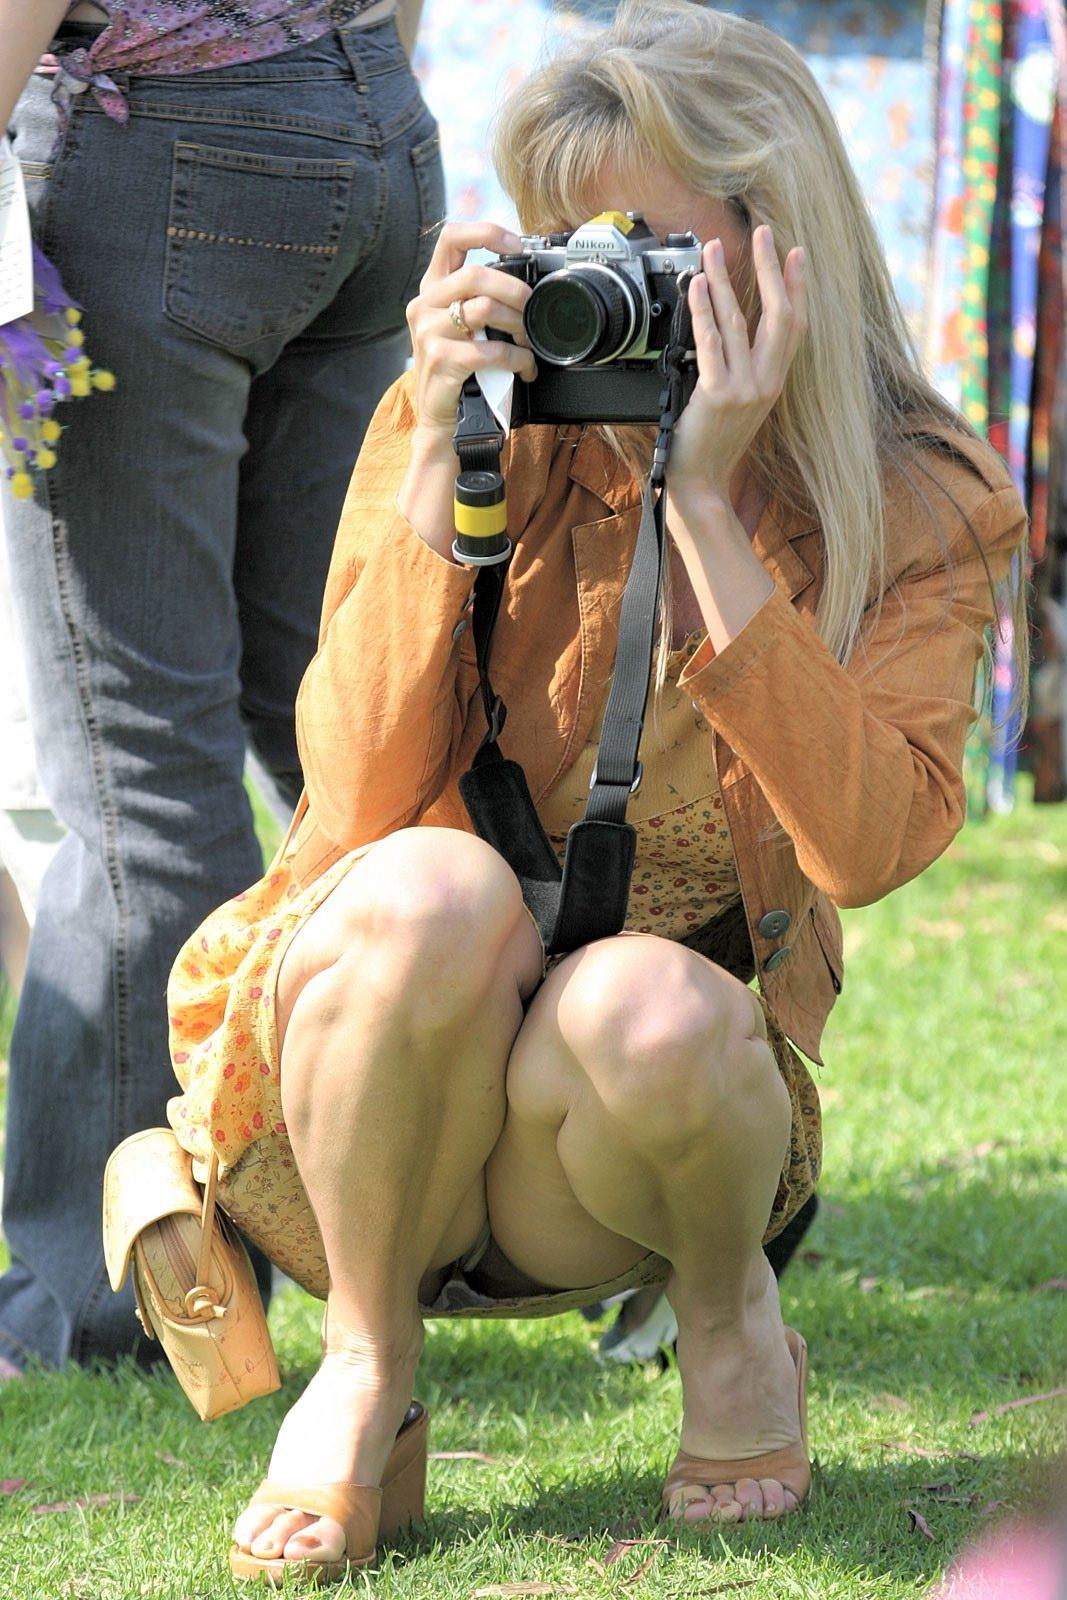 Блондинка с фотоаппаратом засветила трусики под платьем